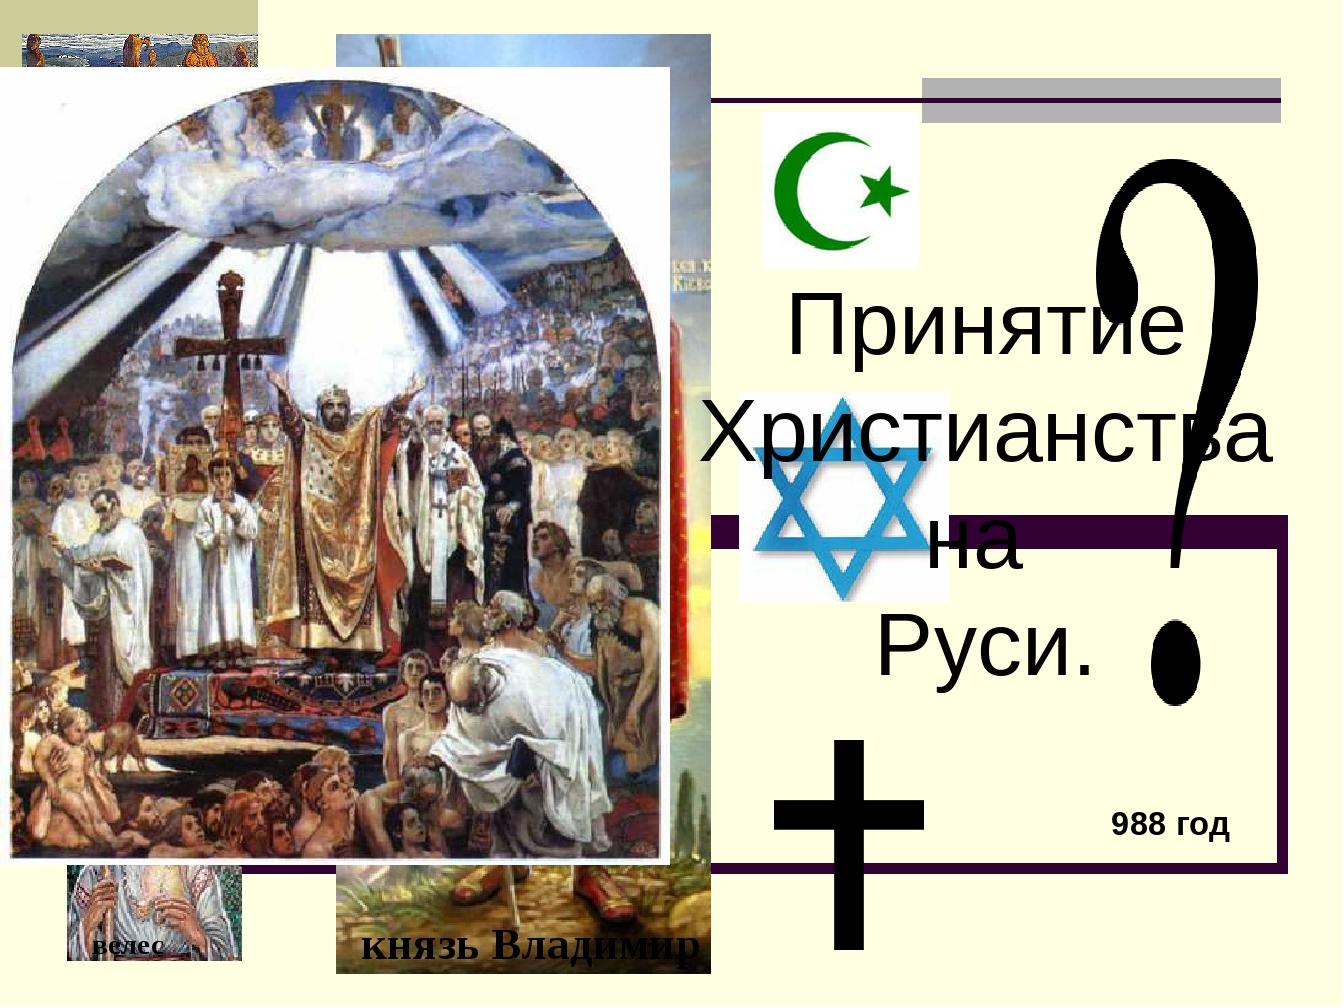 перун велес князь Владимир 988 год Принятие Христианства на Руси.